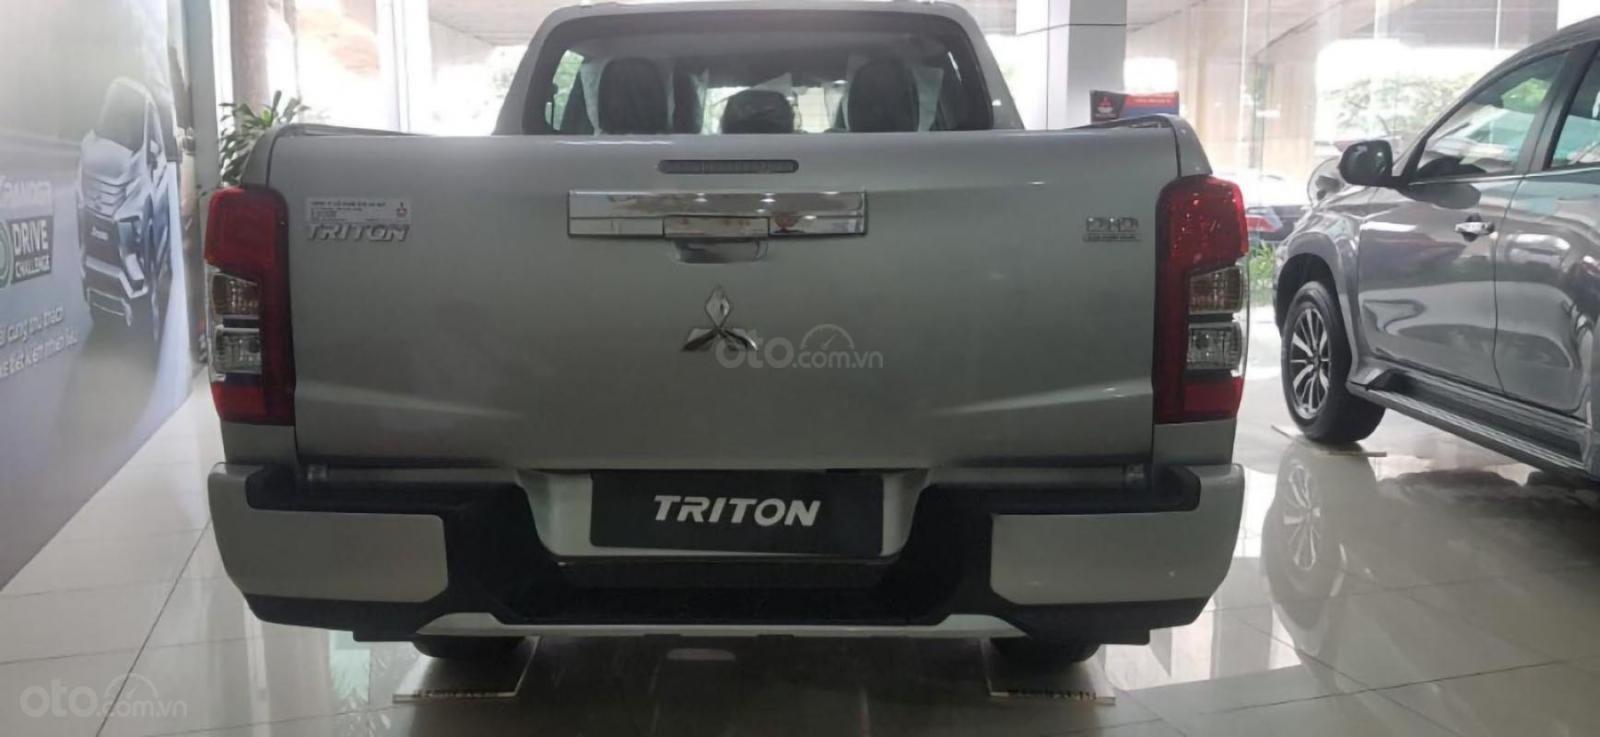 Cần bán Mitsubishi Triton 4X2 AT MIVEC sản xuất 2019, màu bạc, xe nhập giá cạnh tranh-4